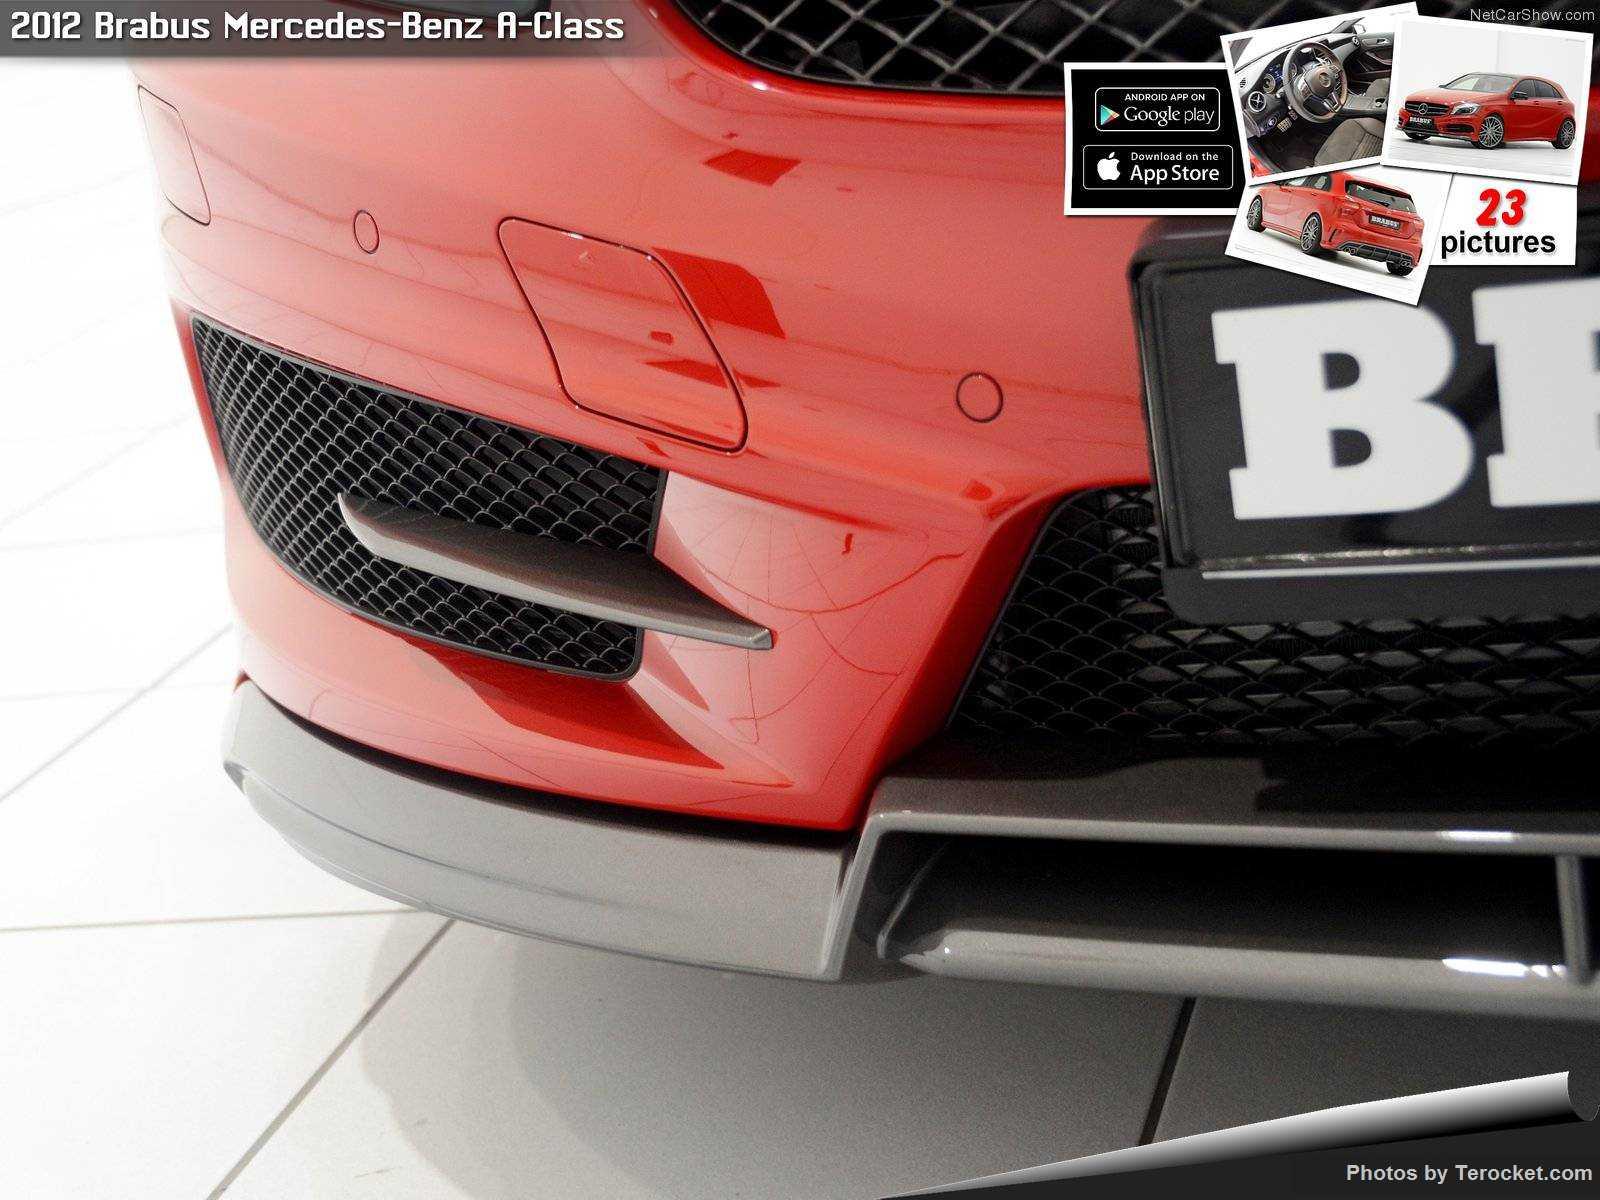 Hình ảnh xe ô tô Brabus Mercedes-Benz A-Class 2012 & nội ngoại thất